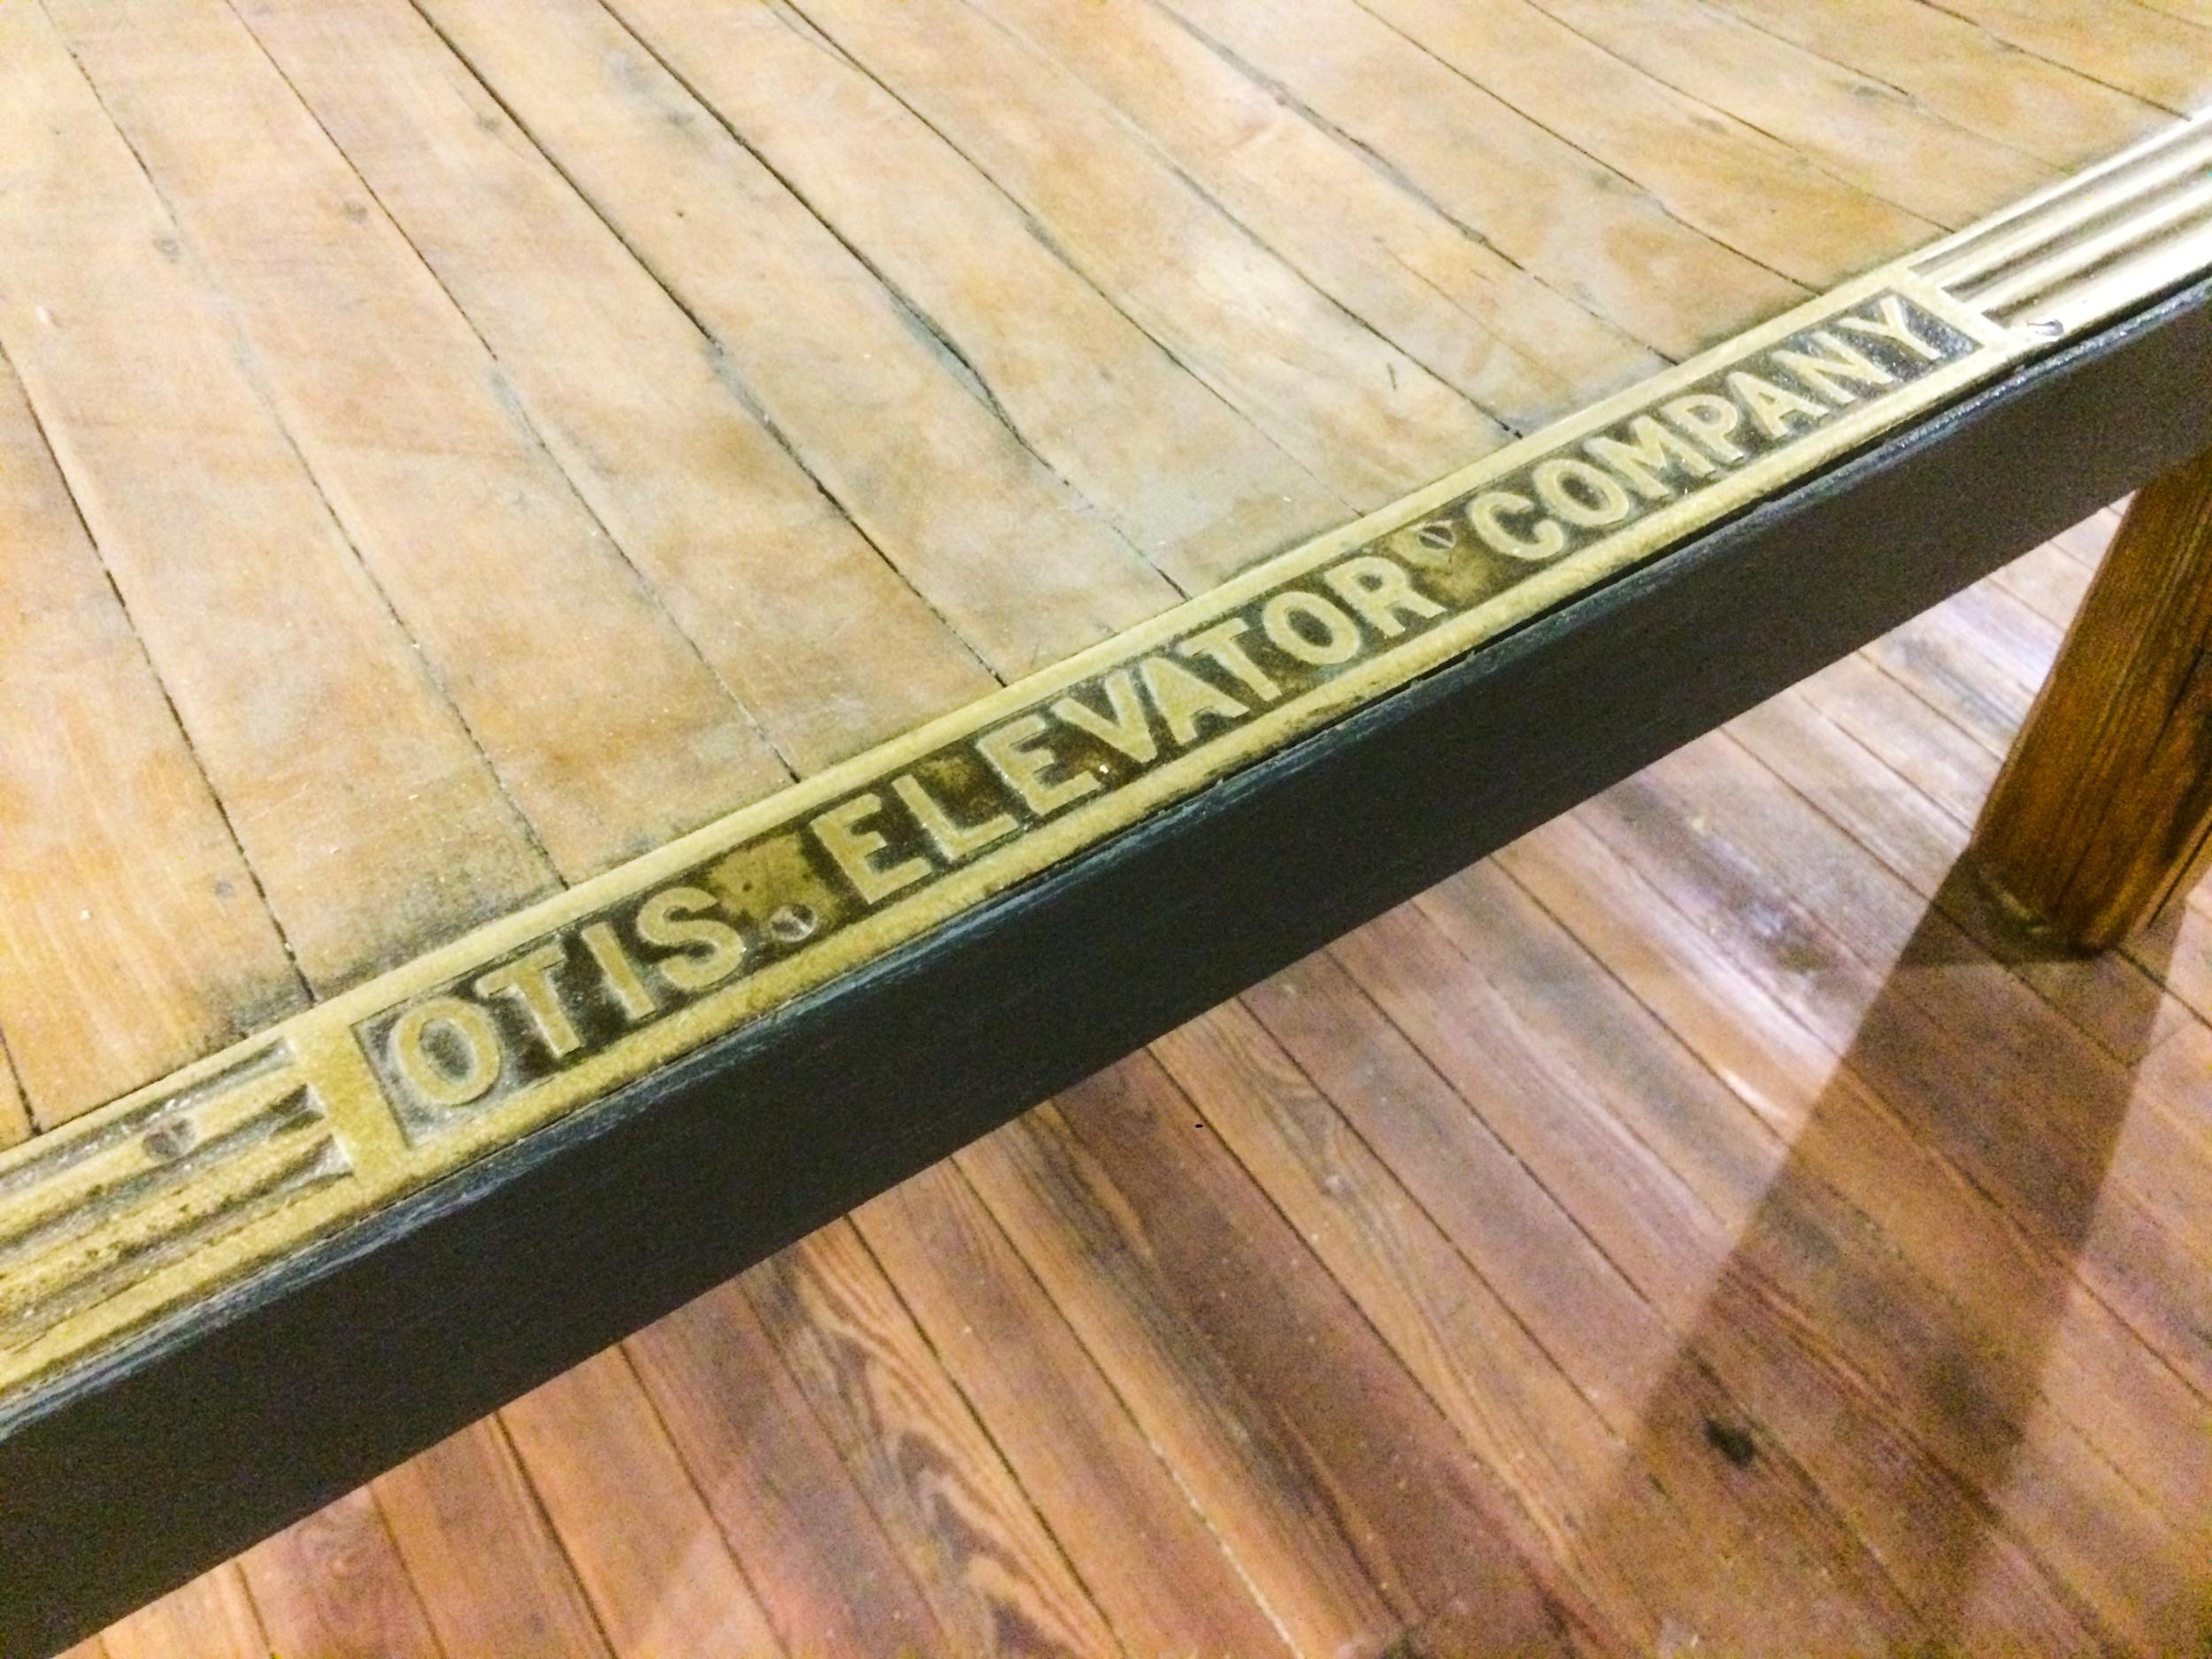 Otis Elevator Coffee Table